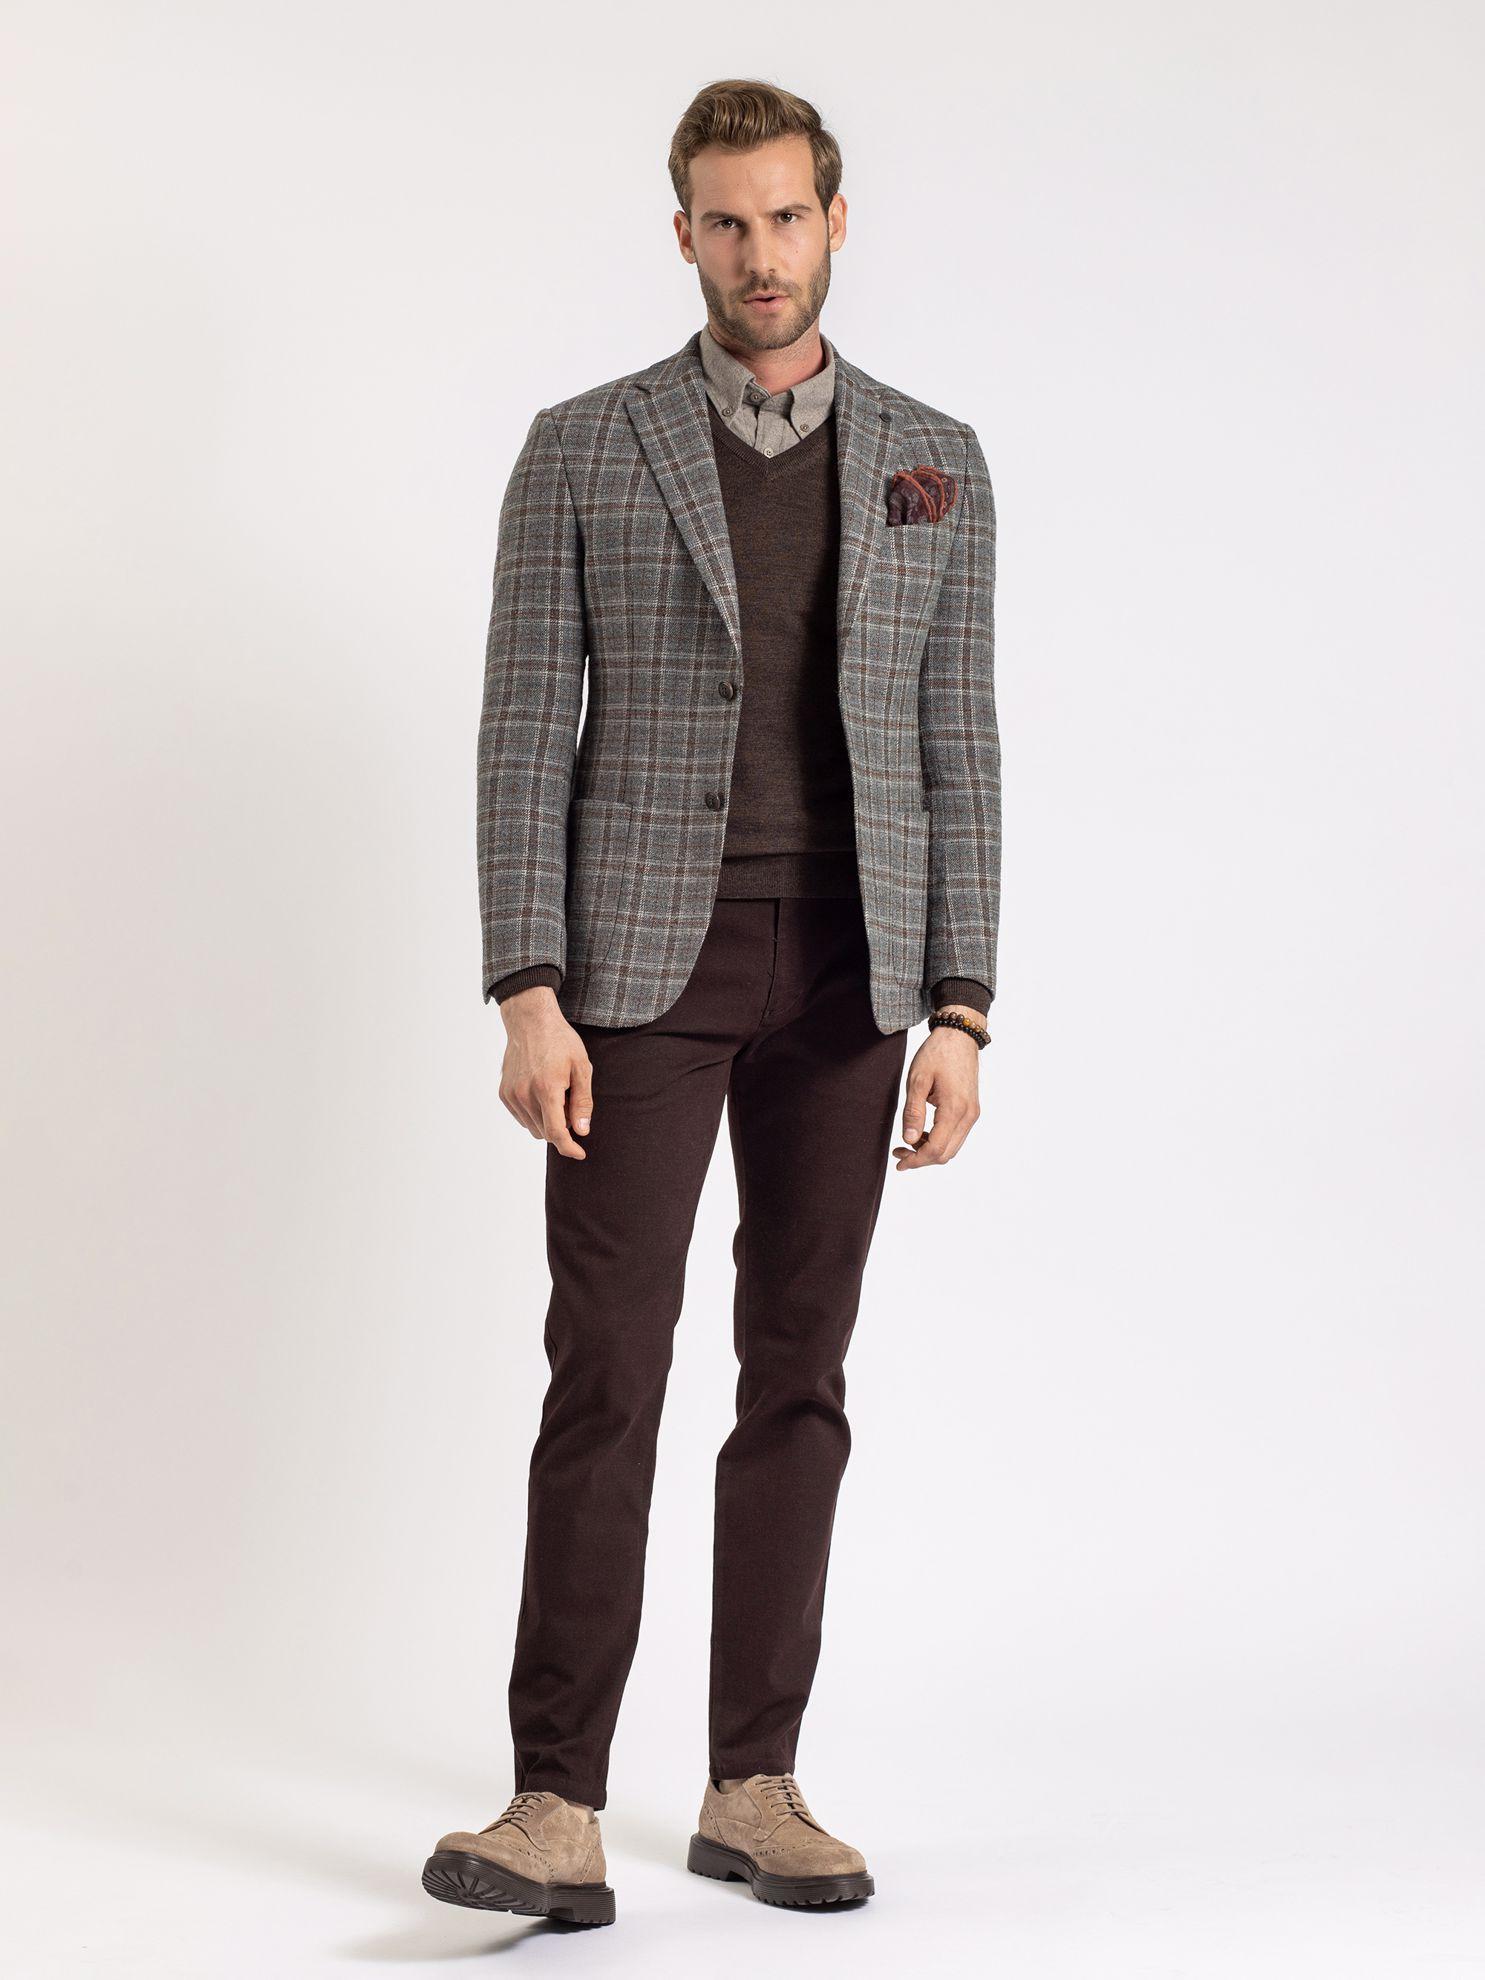 Karaca Erkek 6 Drop Ceket-Gri. ürün görseli